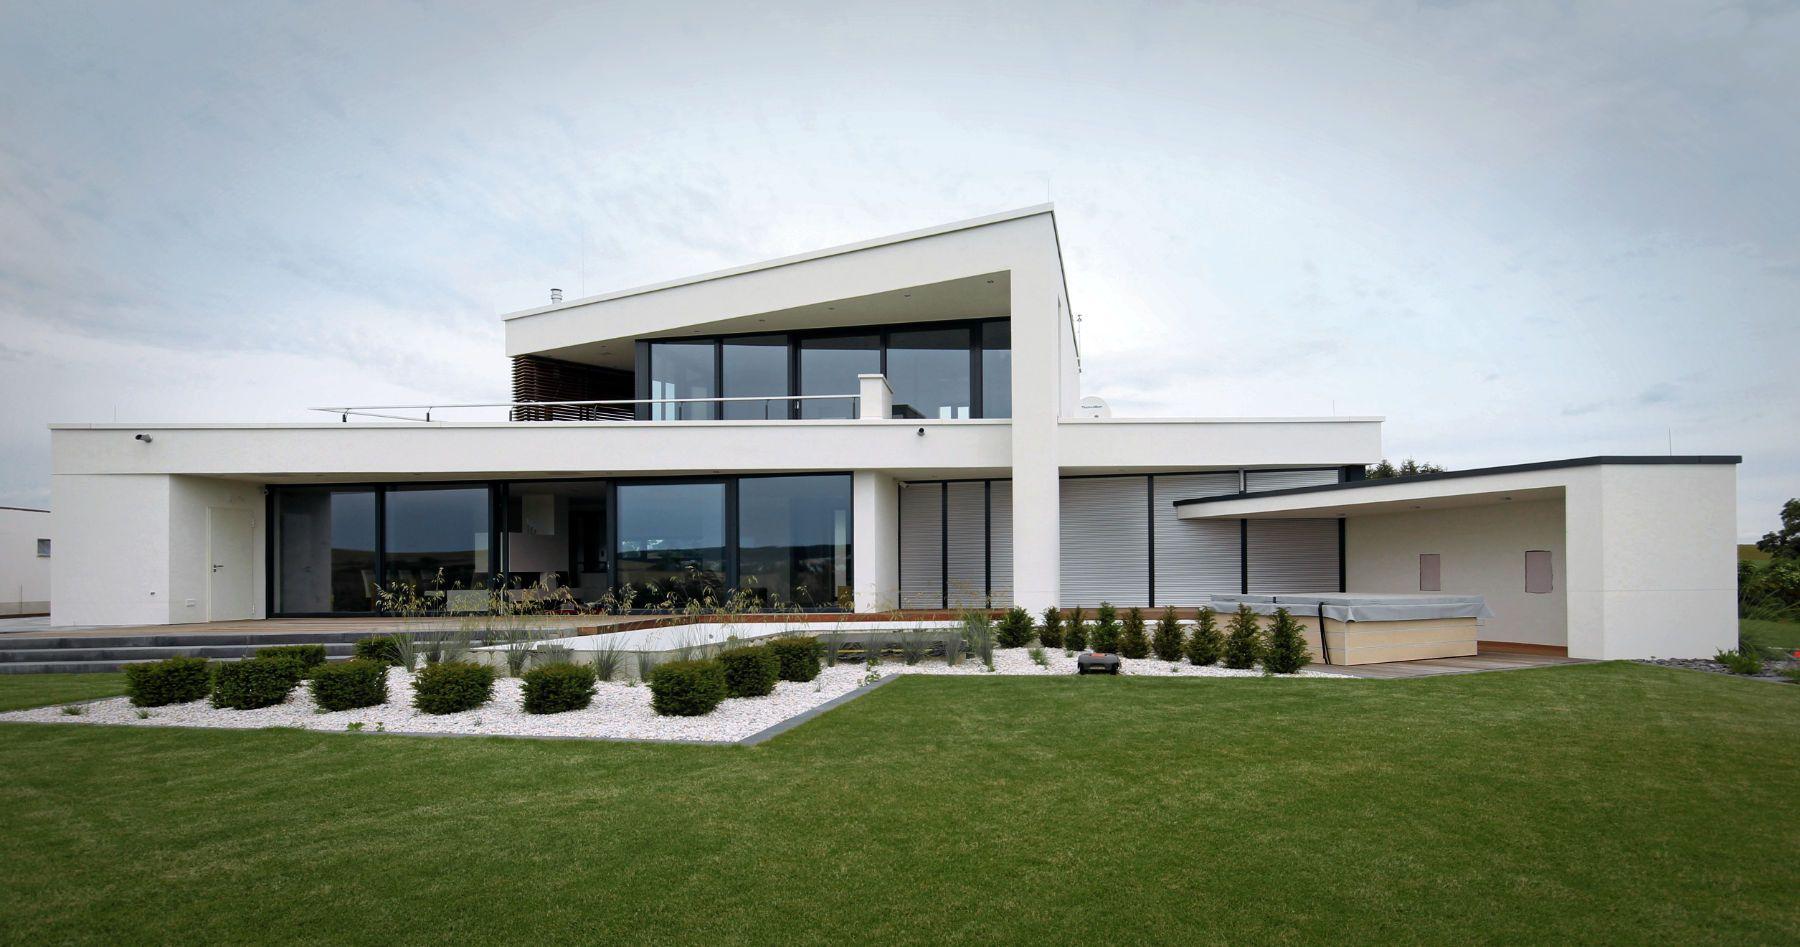 Fantastisch Flachdachhaus 1,5 Geschossig Mit Staffelgeschoss Als Individuell Geplantes  Einfamilienhaus.